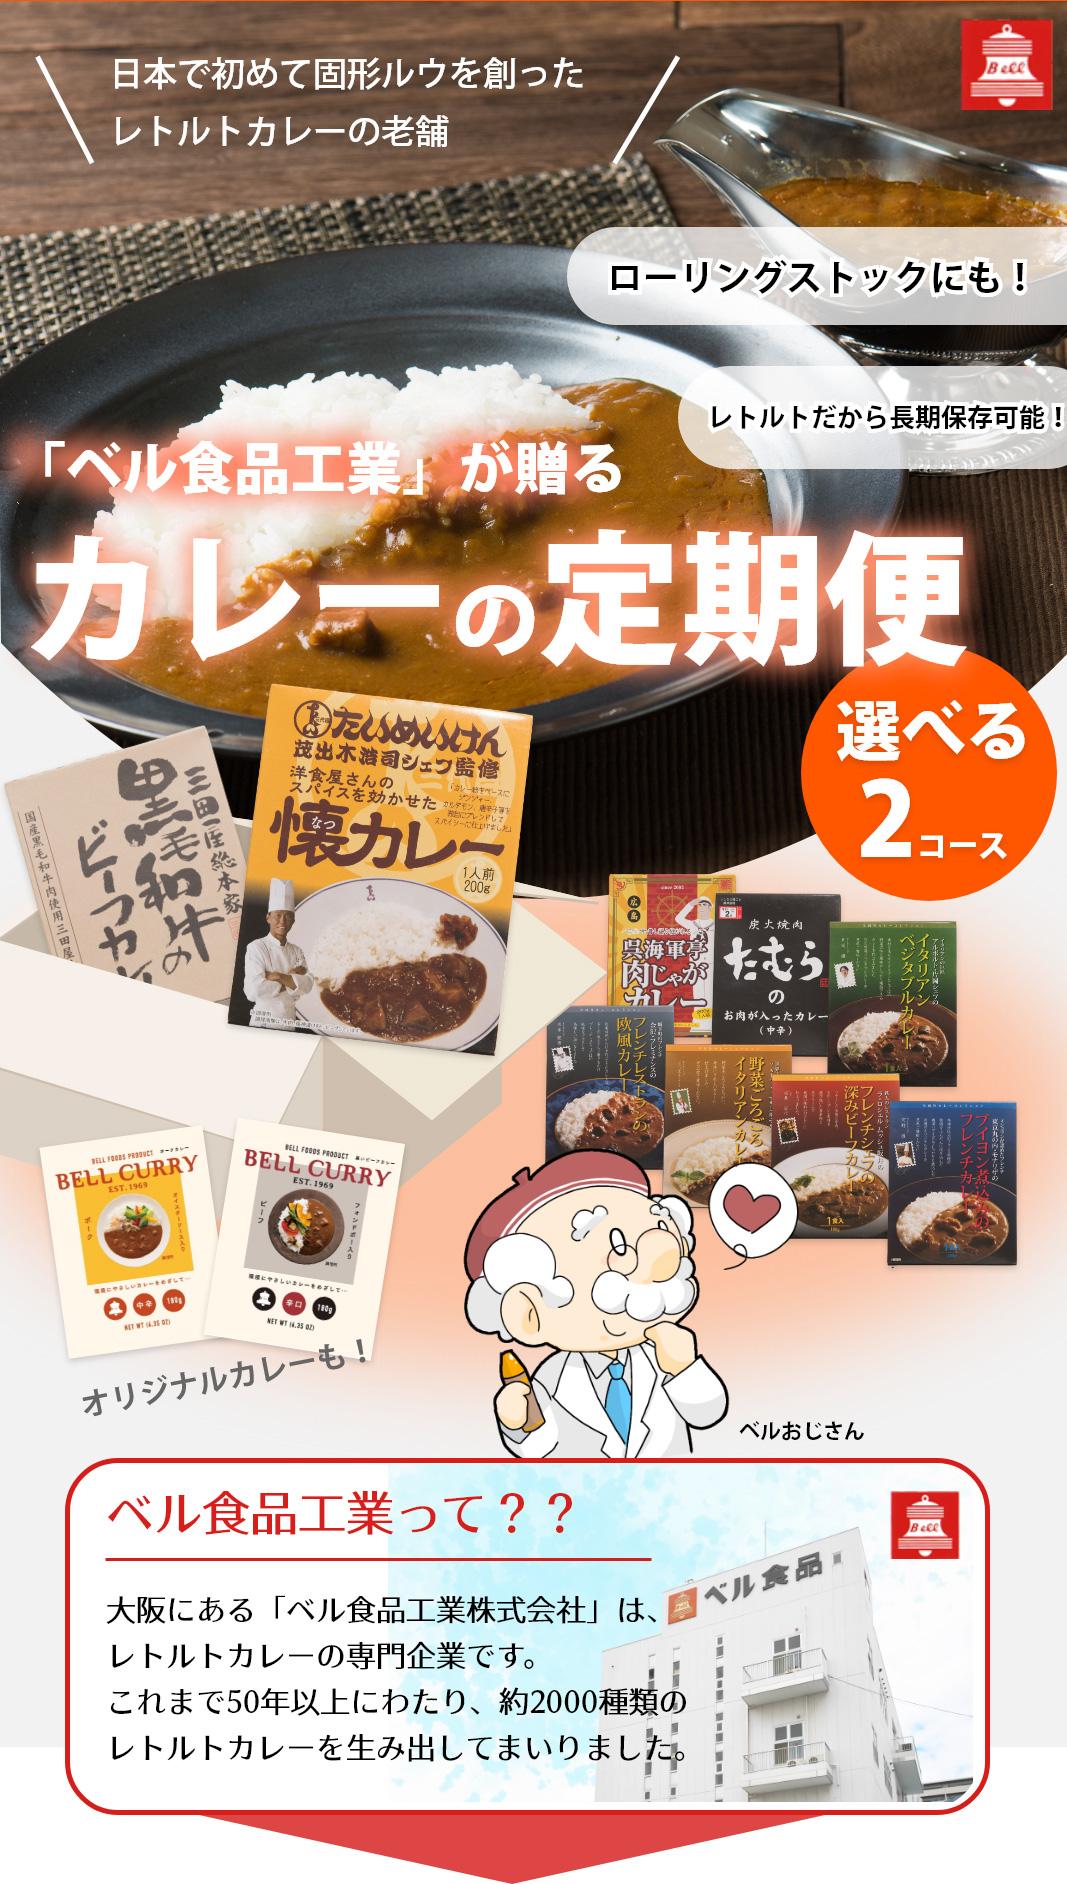 大阪にある「ベル食品工業株式会社」は、レトルトカレーの専門企業です。これまで50年以上にわたり、約2000種類のレトルトカレーを生み出してまいりました。